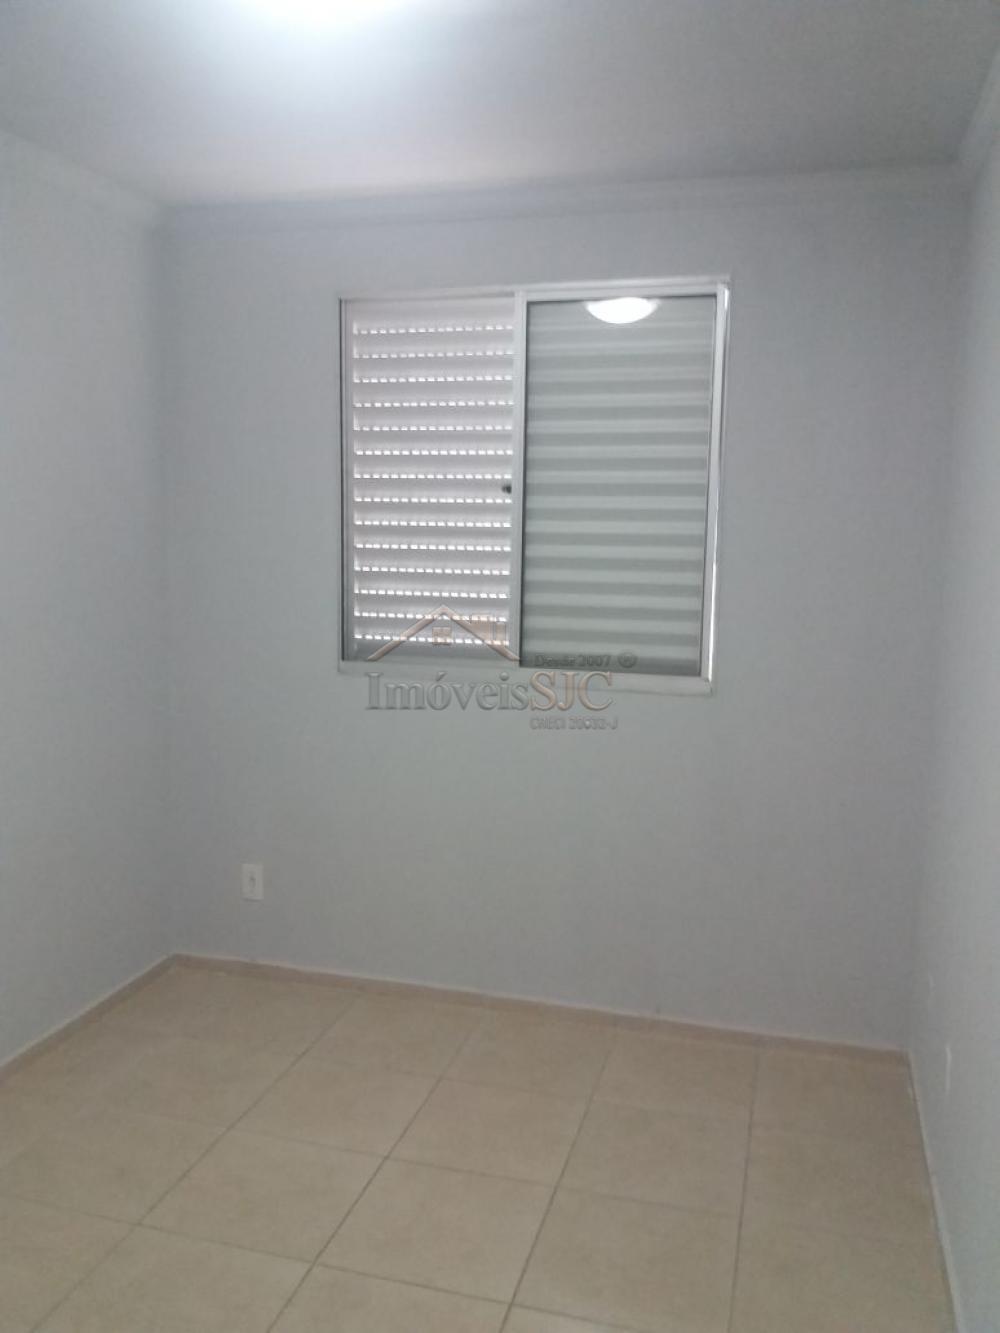 Comprar Apartamentos / Padrão em São José dos Campos apenas R$ 185.500,00 - Foto 3